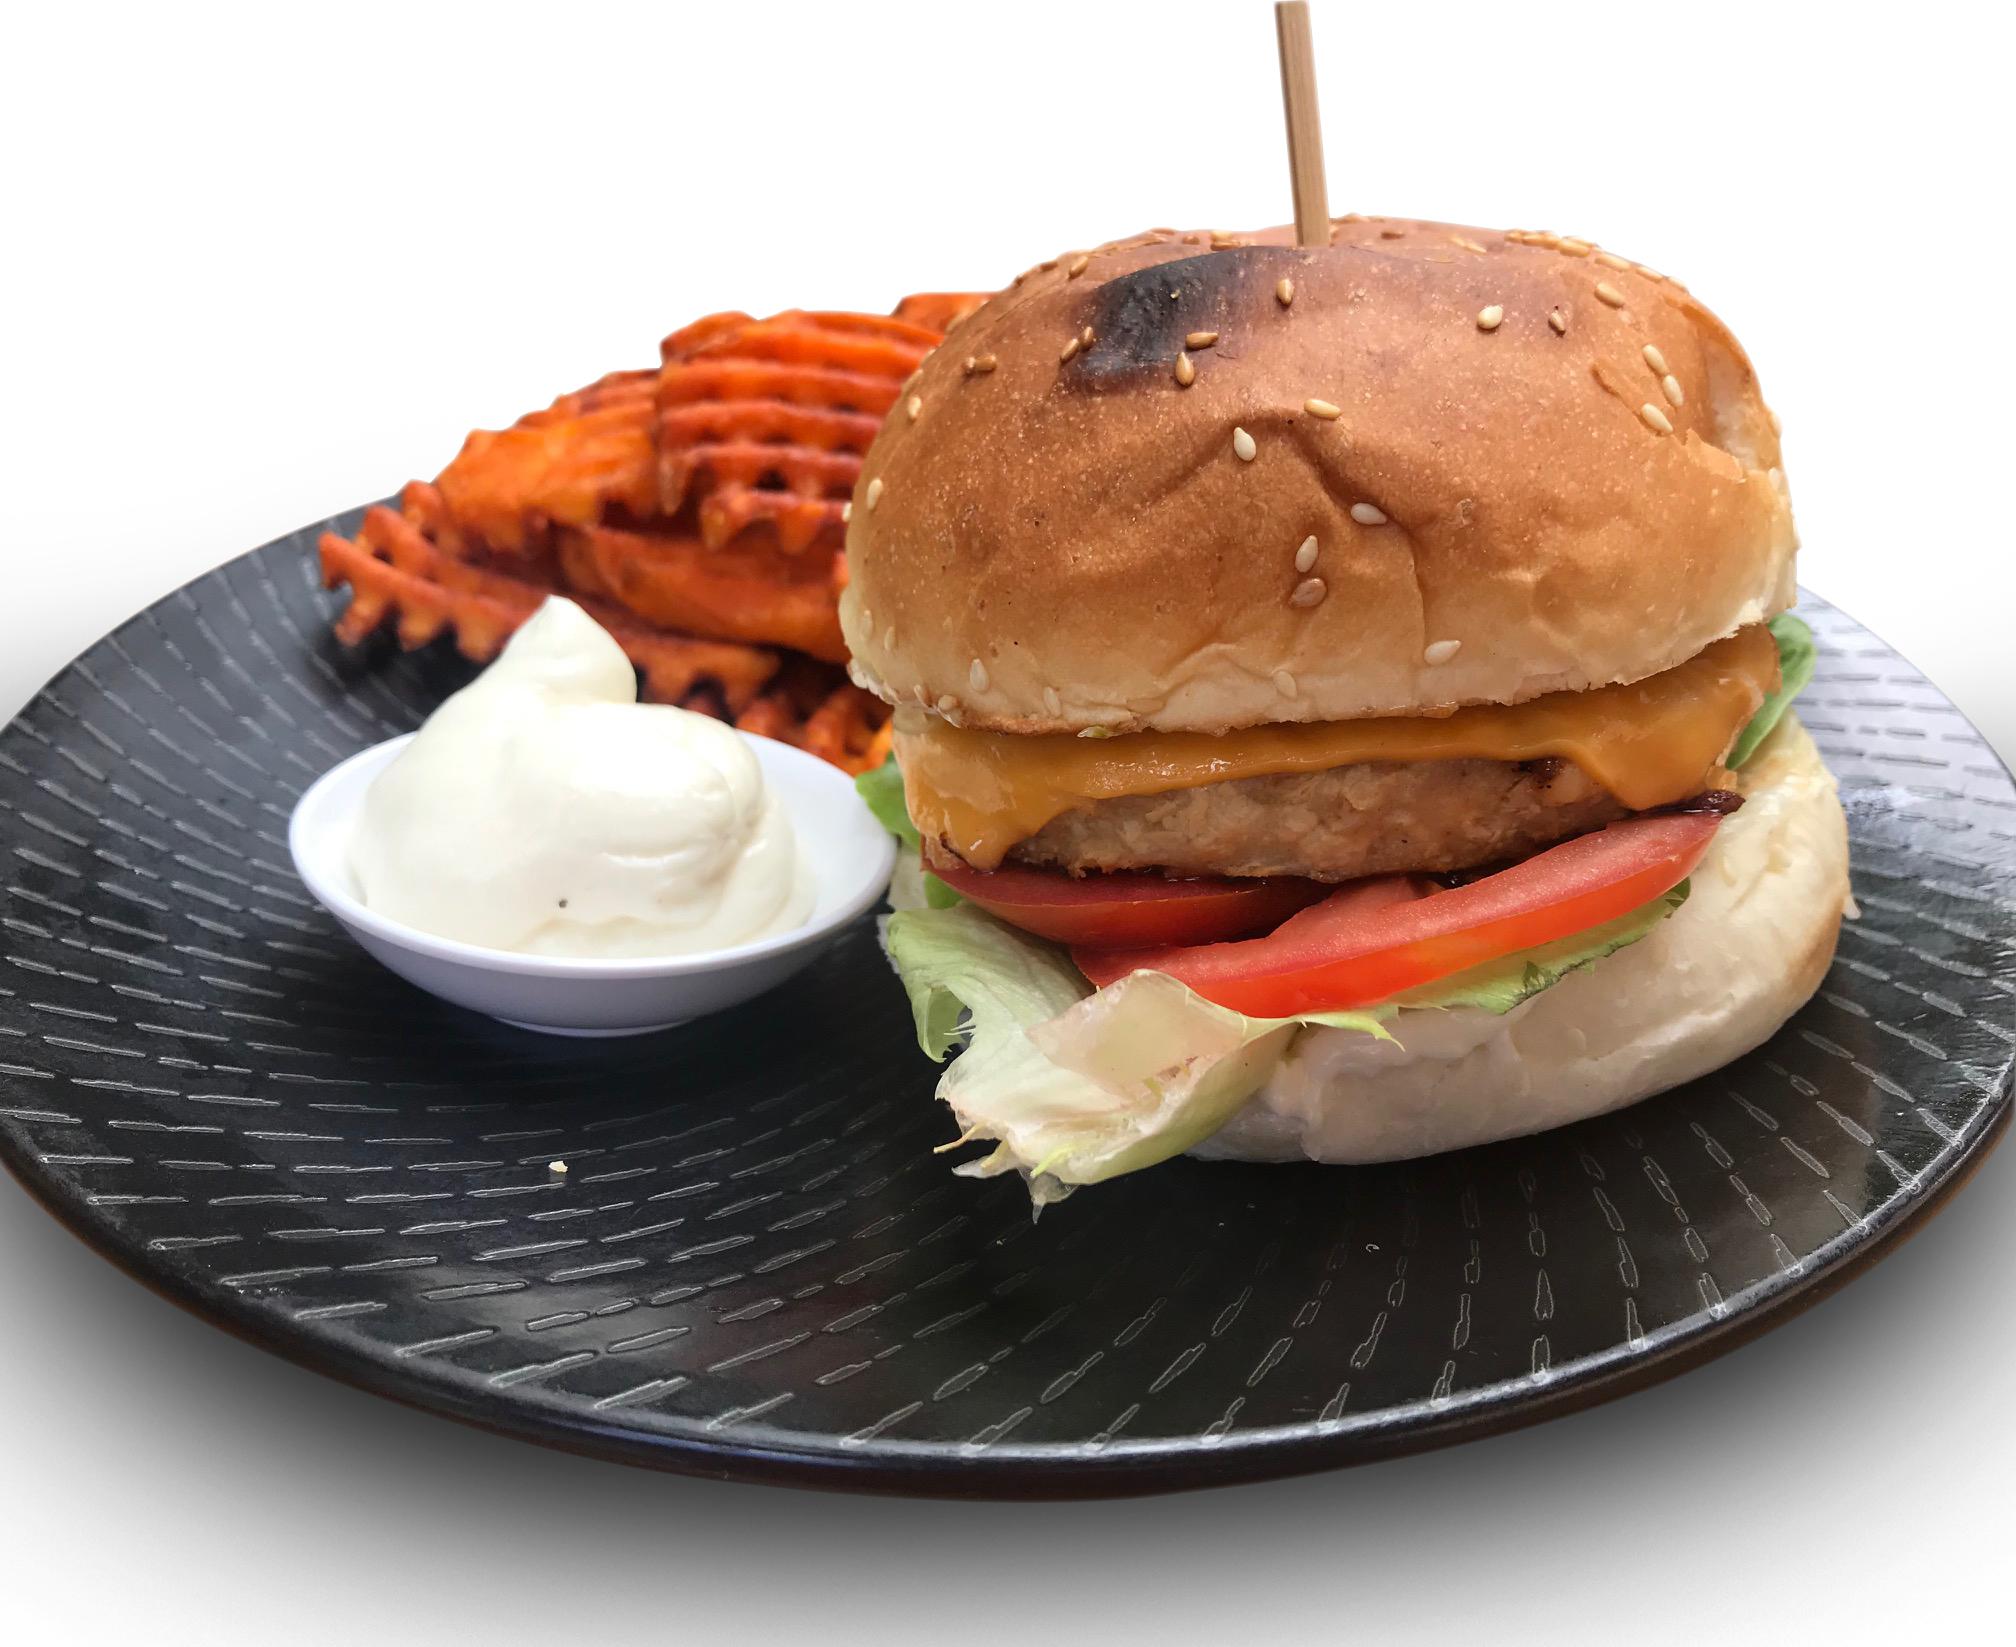 Chicken-Less Burger & Fries